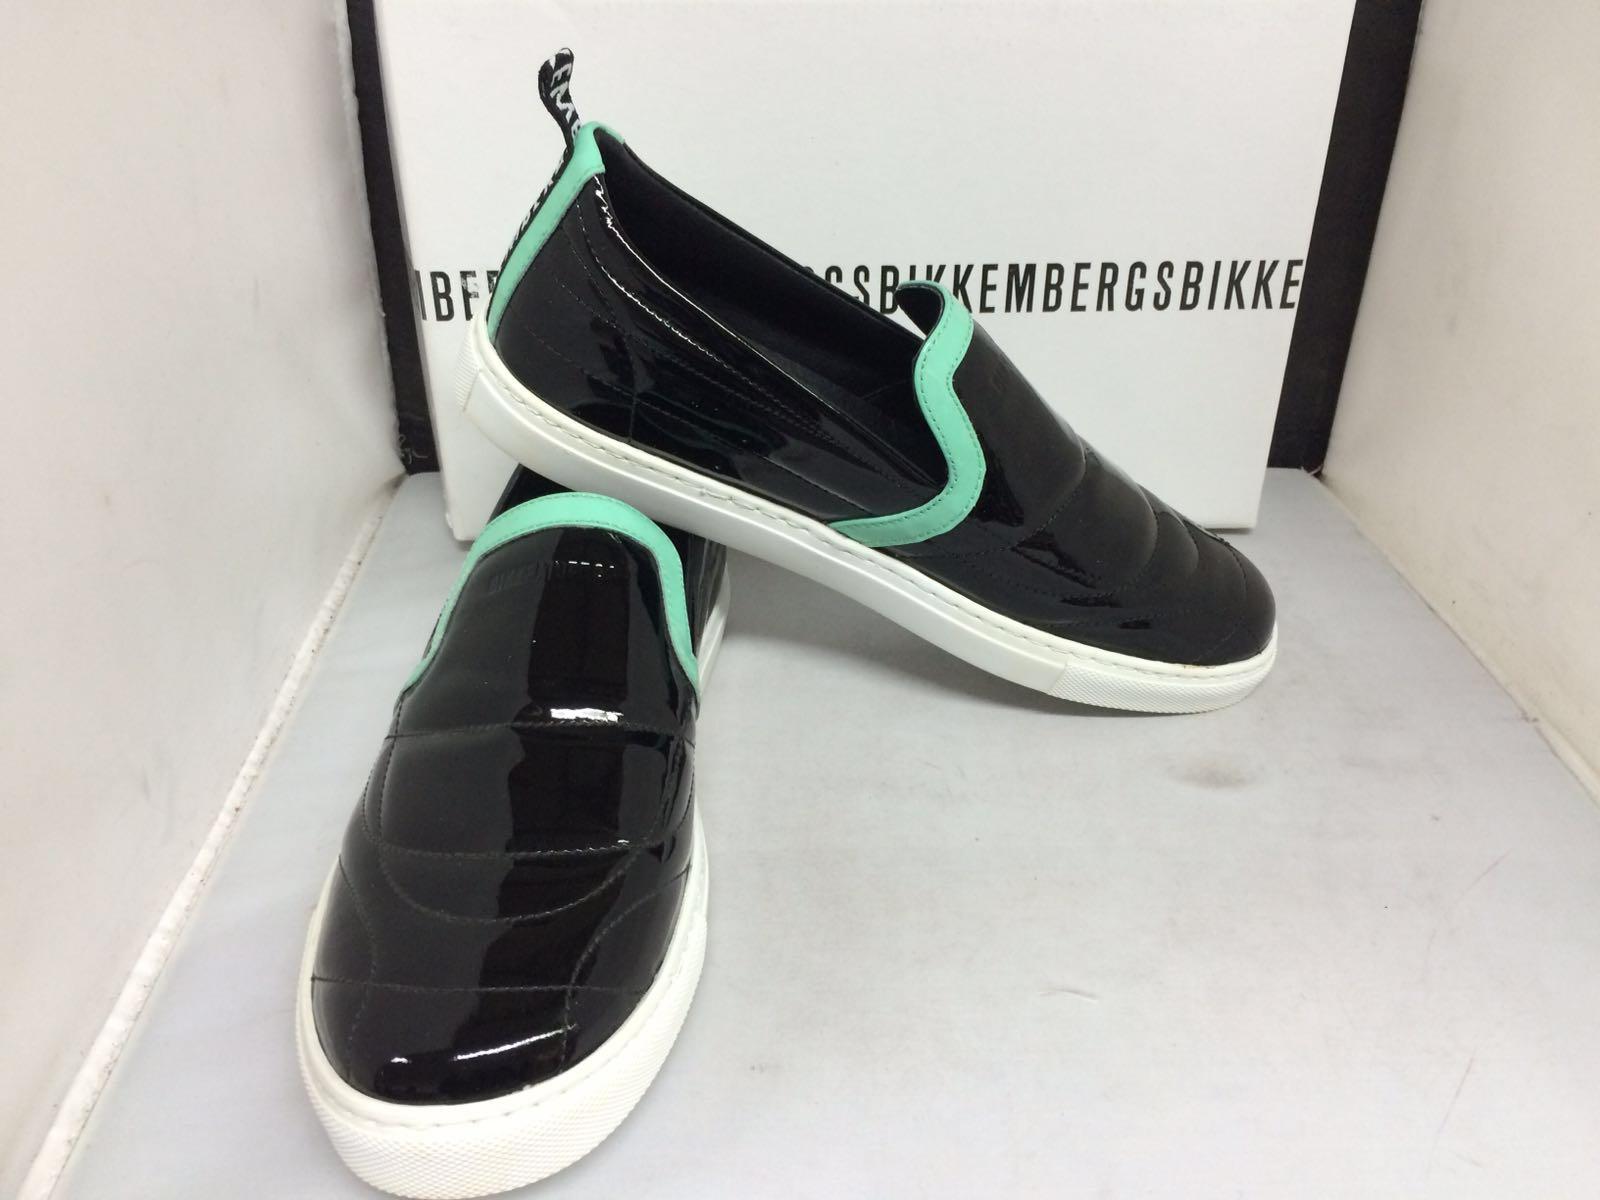 ce1f624fc37a Женская обувь оптом. Бесплатные объявления продать, купить, на ...